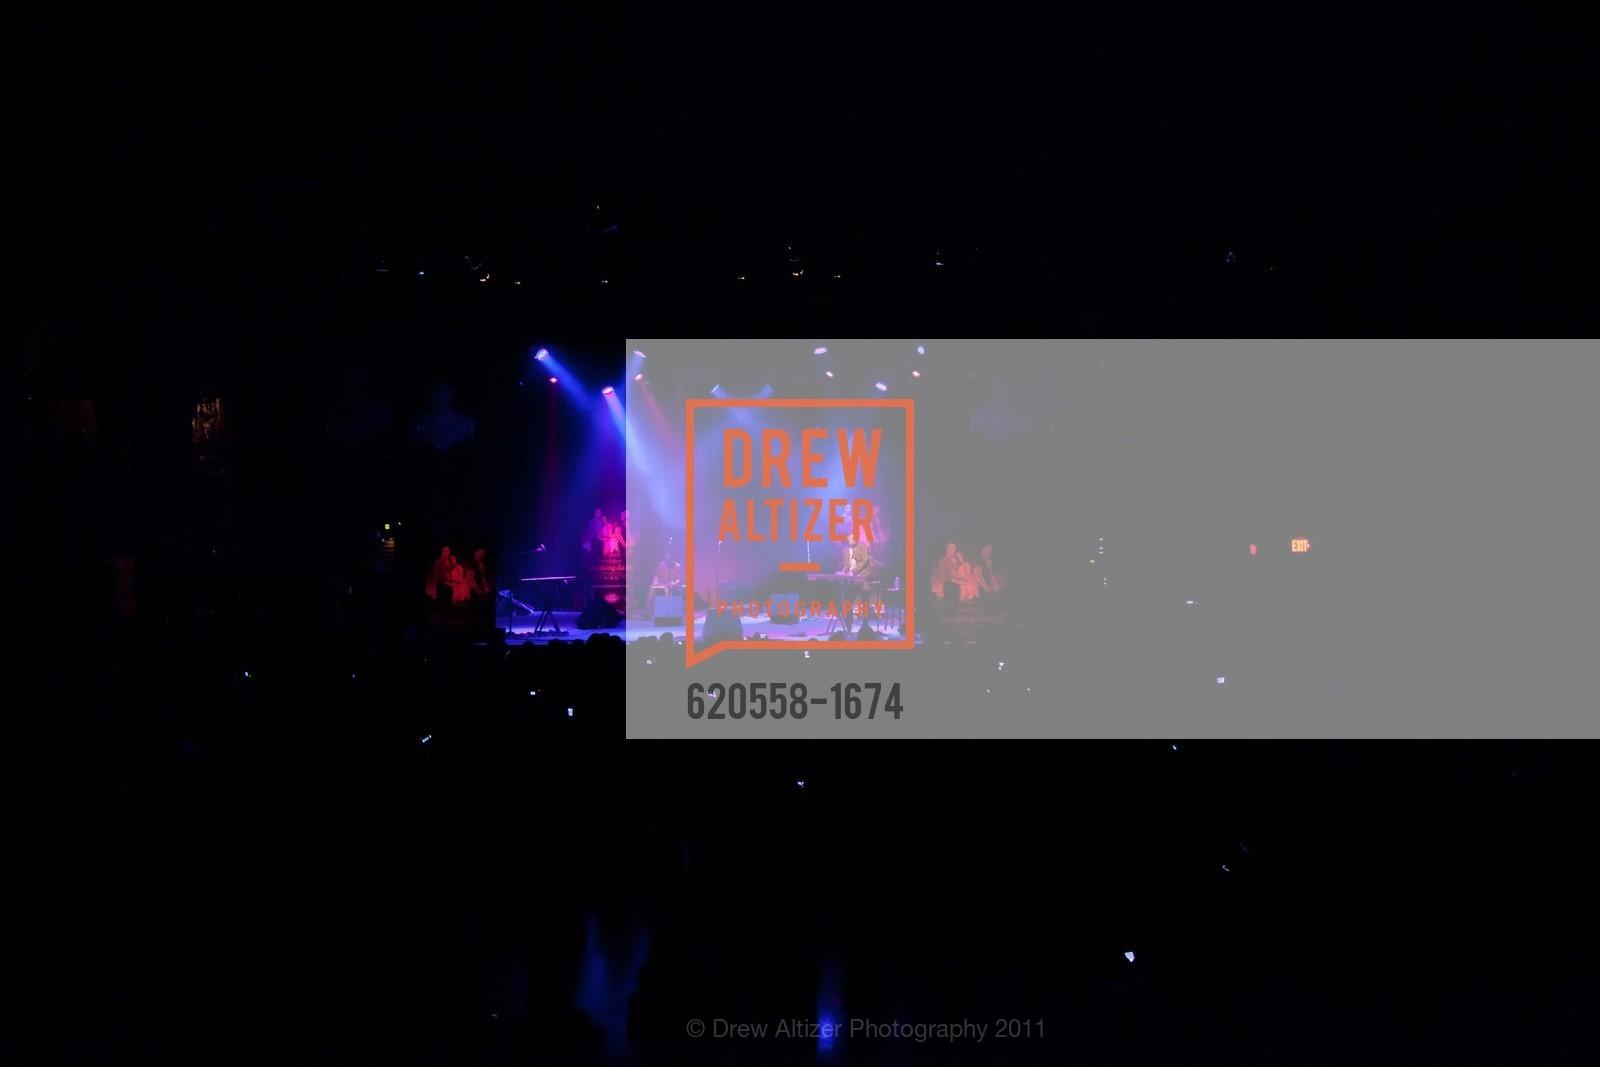 Photo #620558-1674